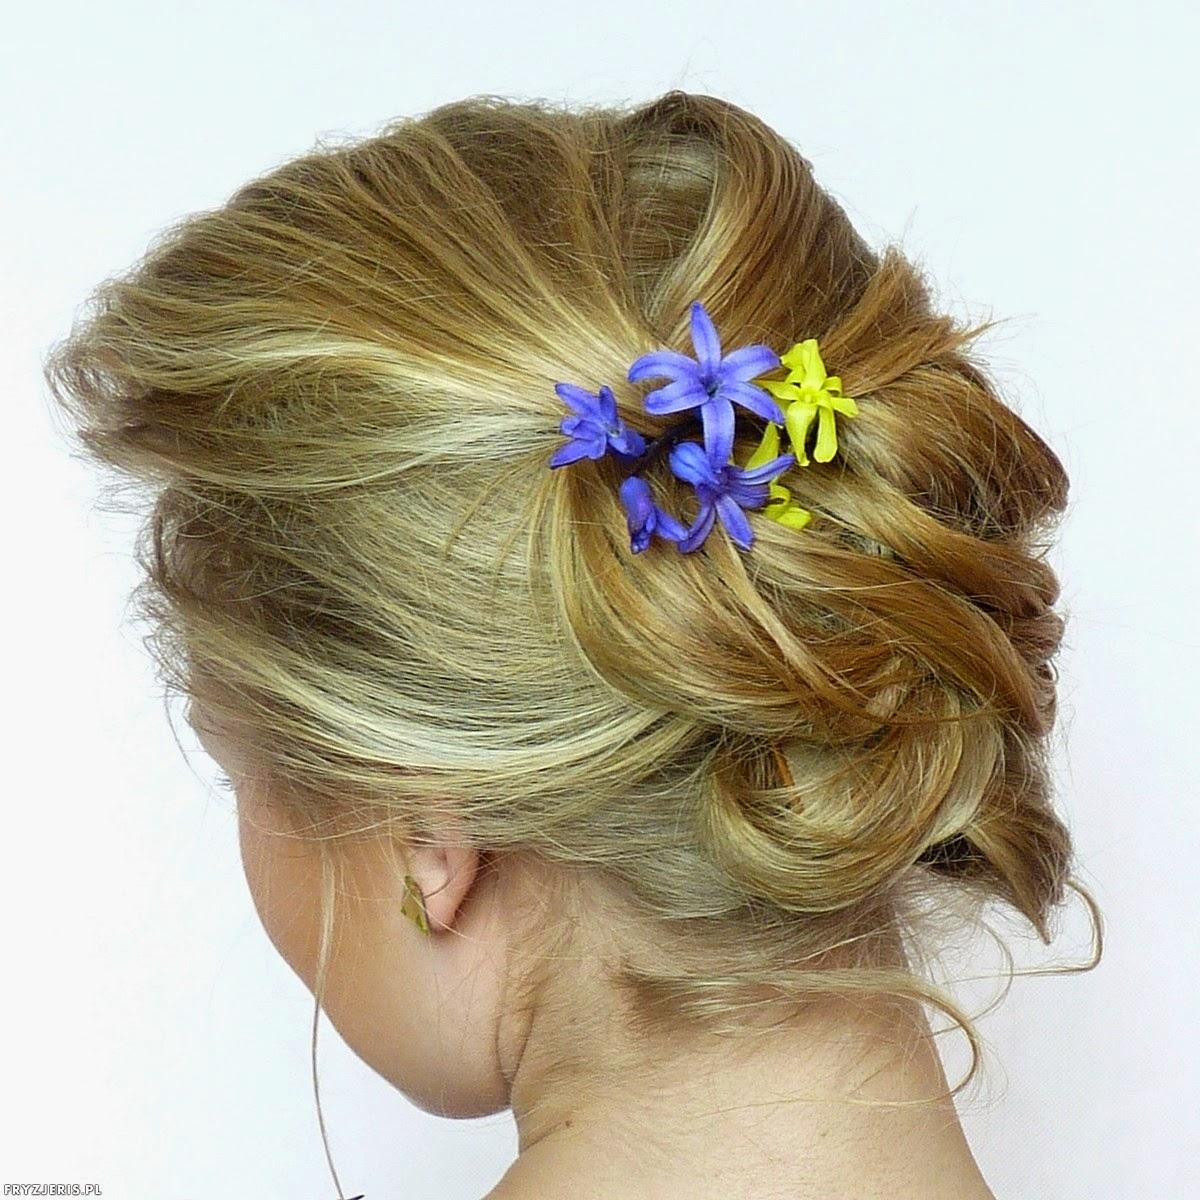 fryzury ślubne - upięcie z kwiatami